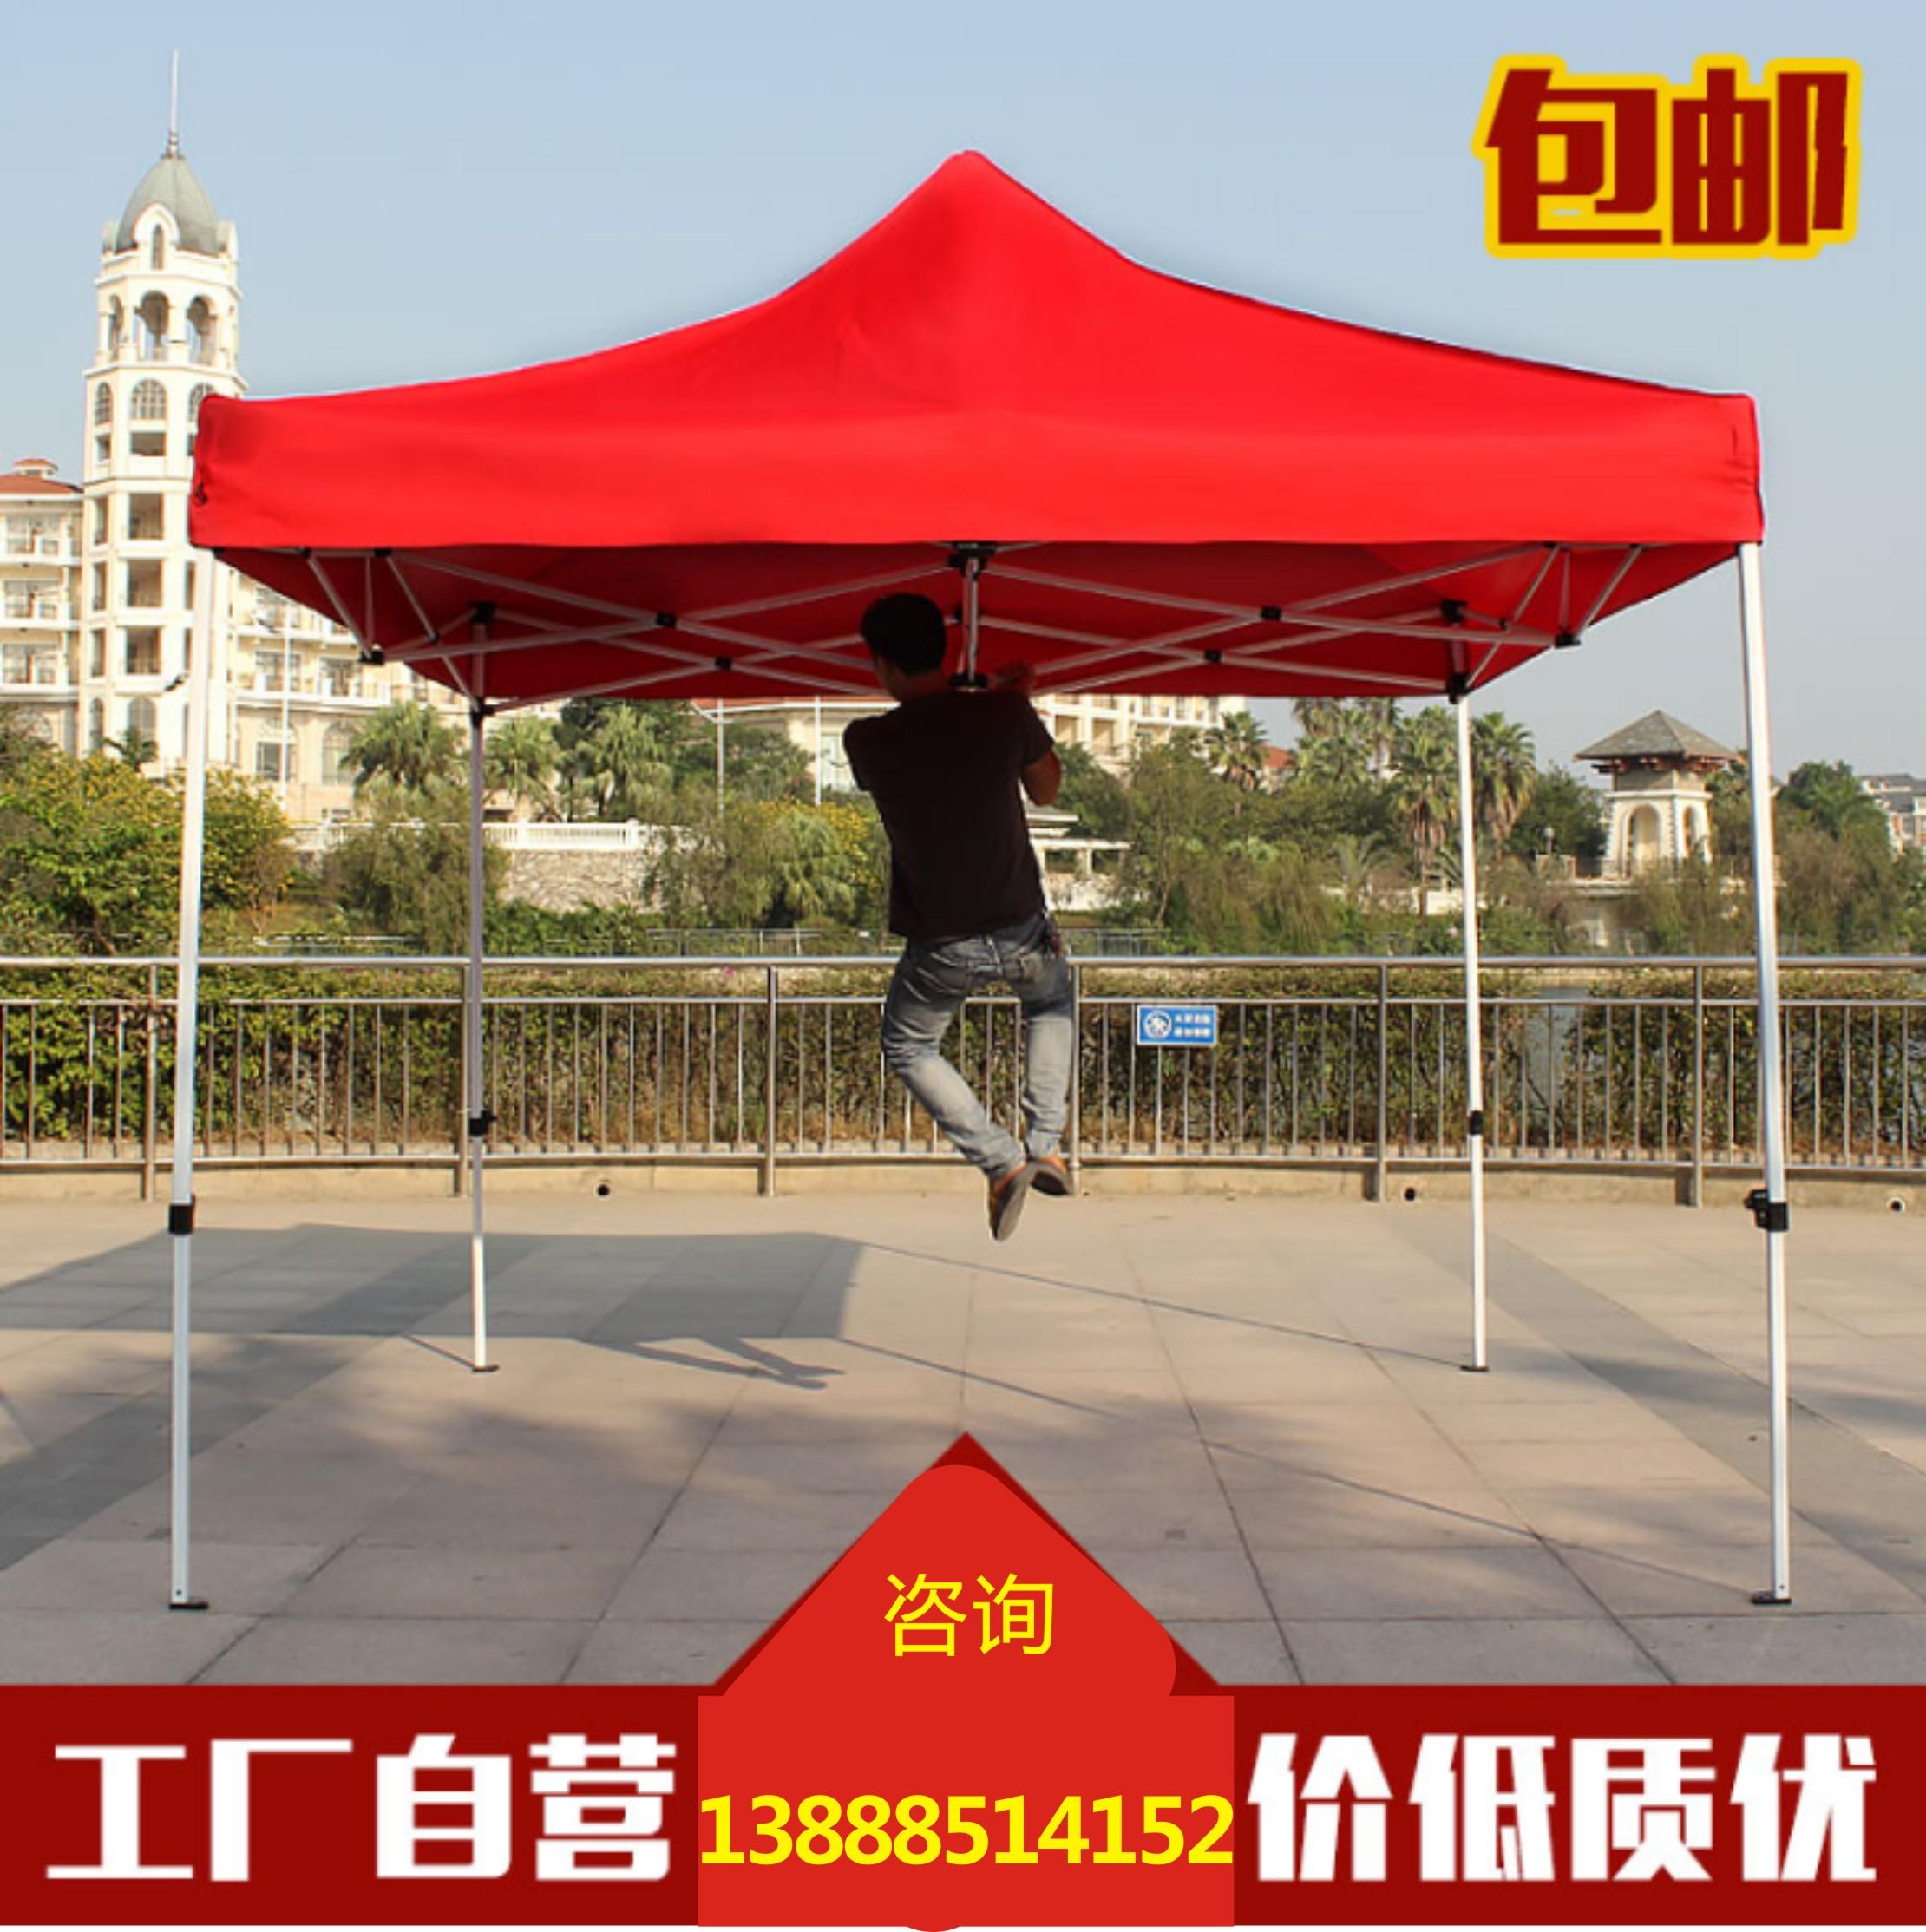 文山广告帐篷厂、20年专注文山帐篷印字、专业的四角大伞带给你不一样的感觉